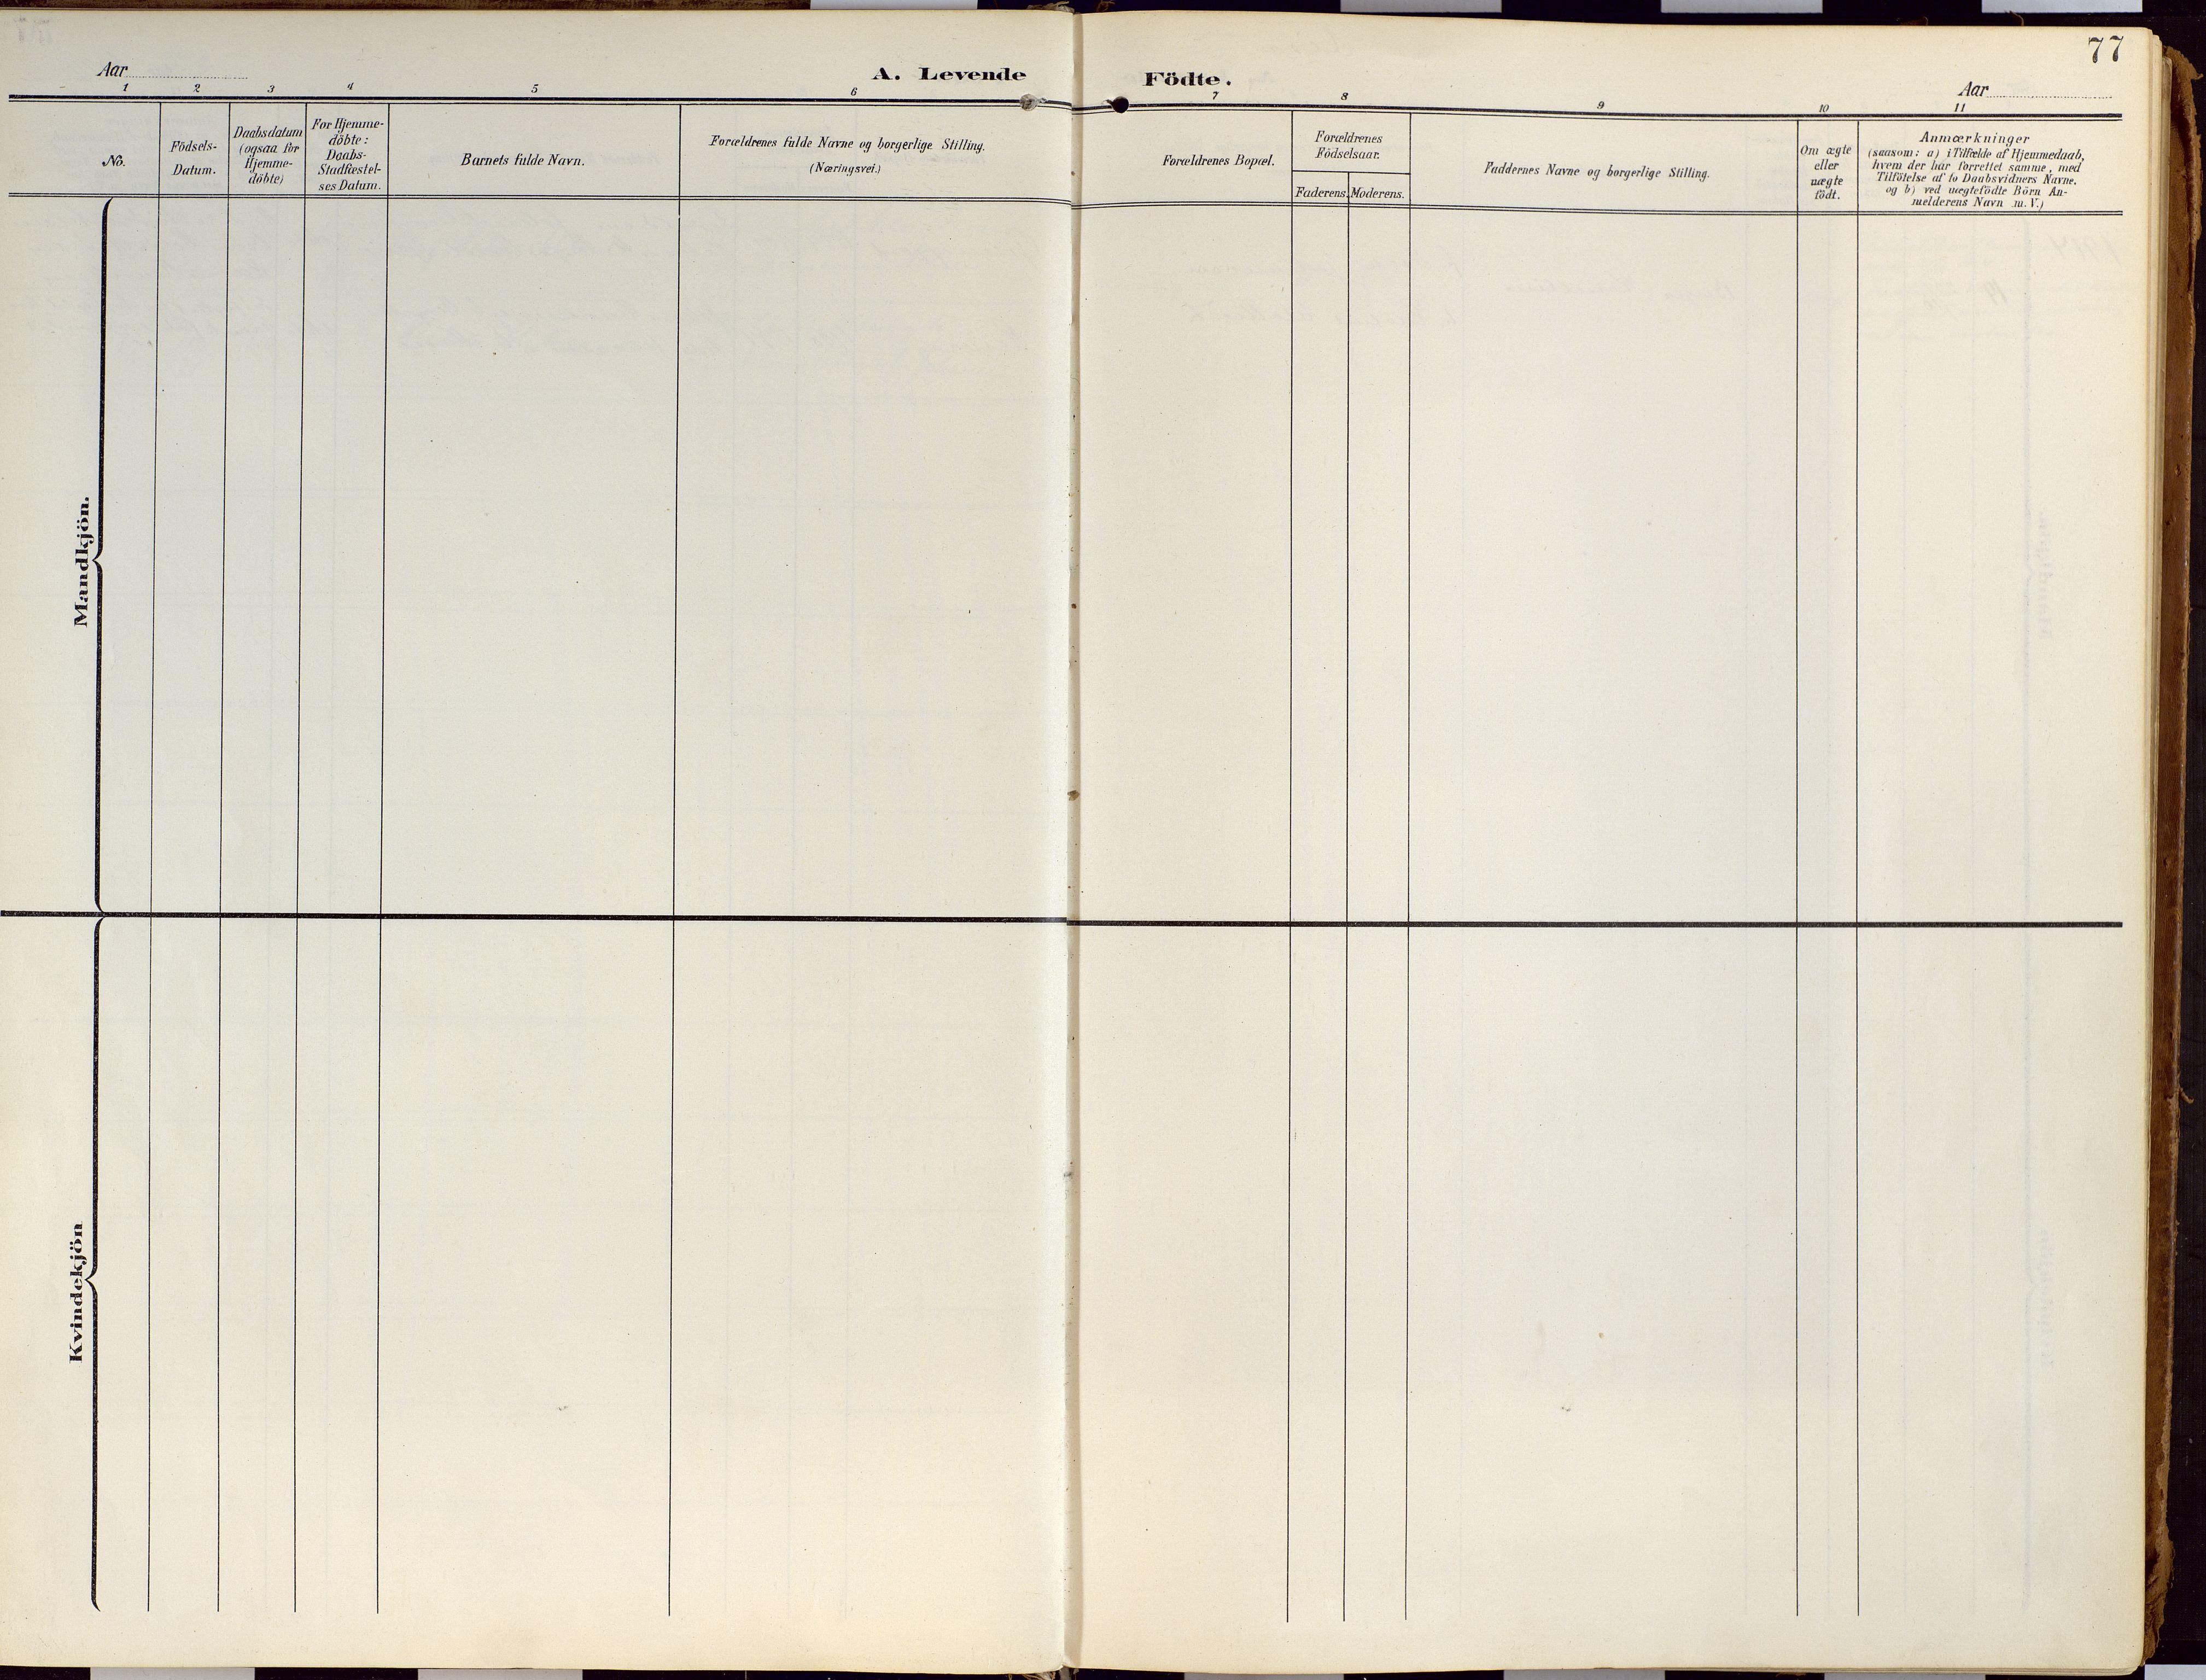 SATØ, Loppa sokneprestkontor, H/Ha/L0010kirke: Ministerialbok nr. 10, 1907-1922, s. 77